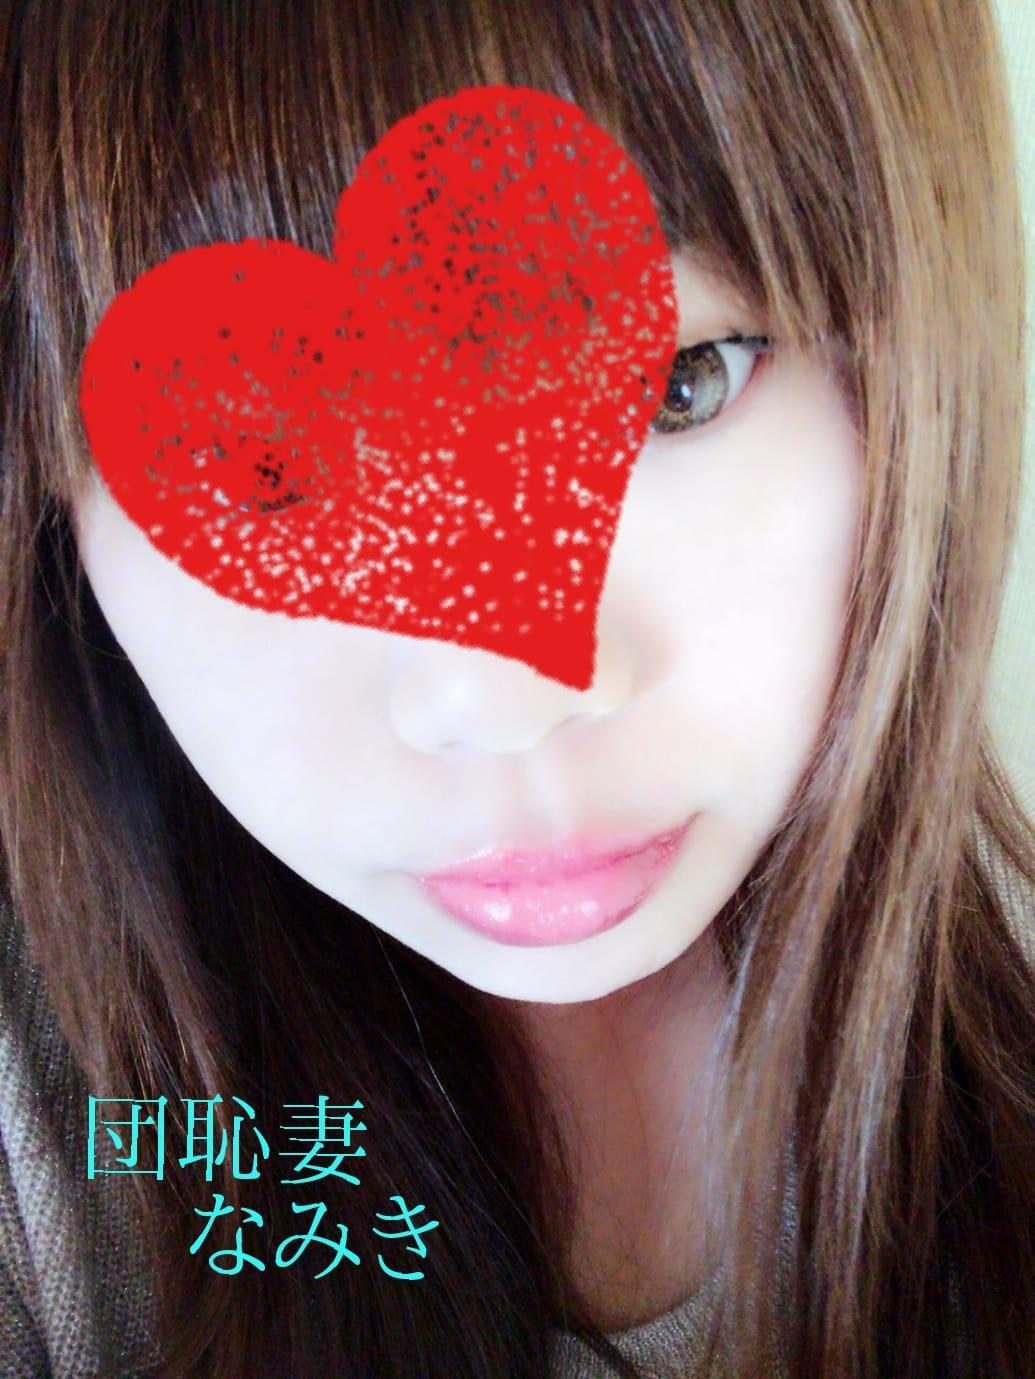 「ε-(´∀`*)ホッ」04/11(水) 11:40 | 並木さんの写メ・風俗動画